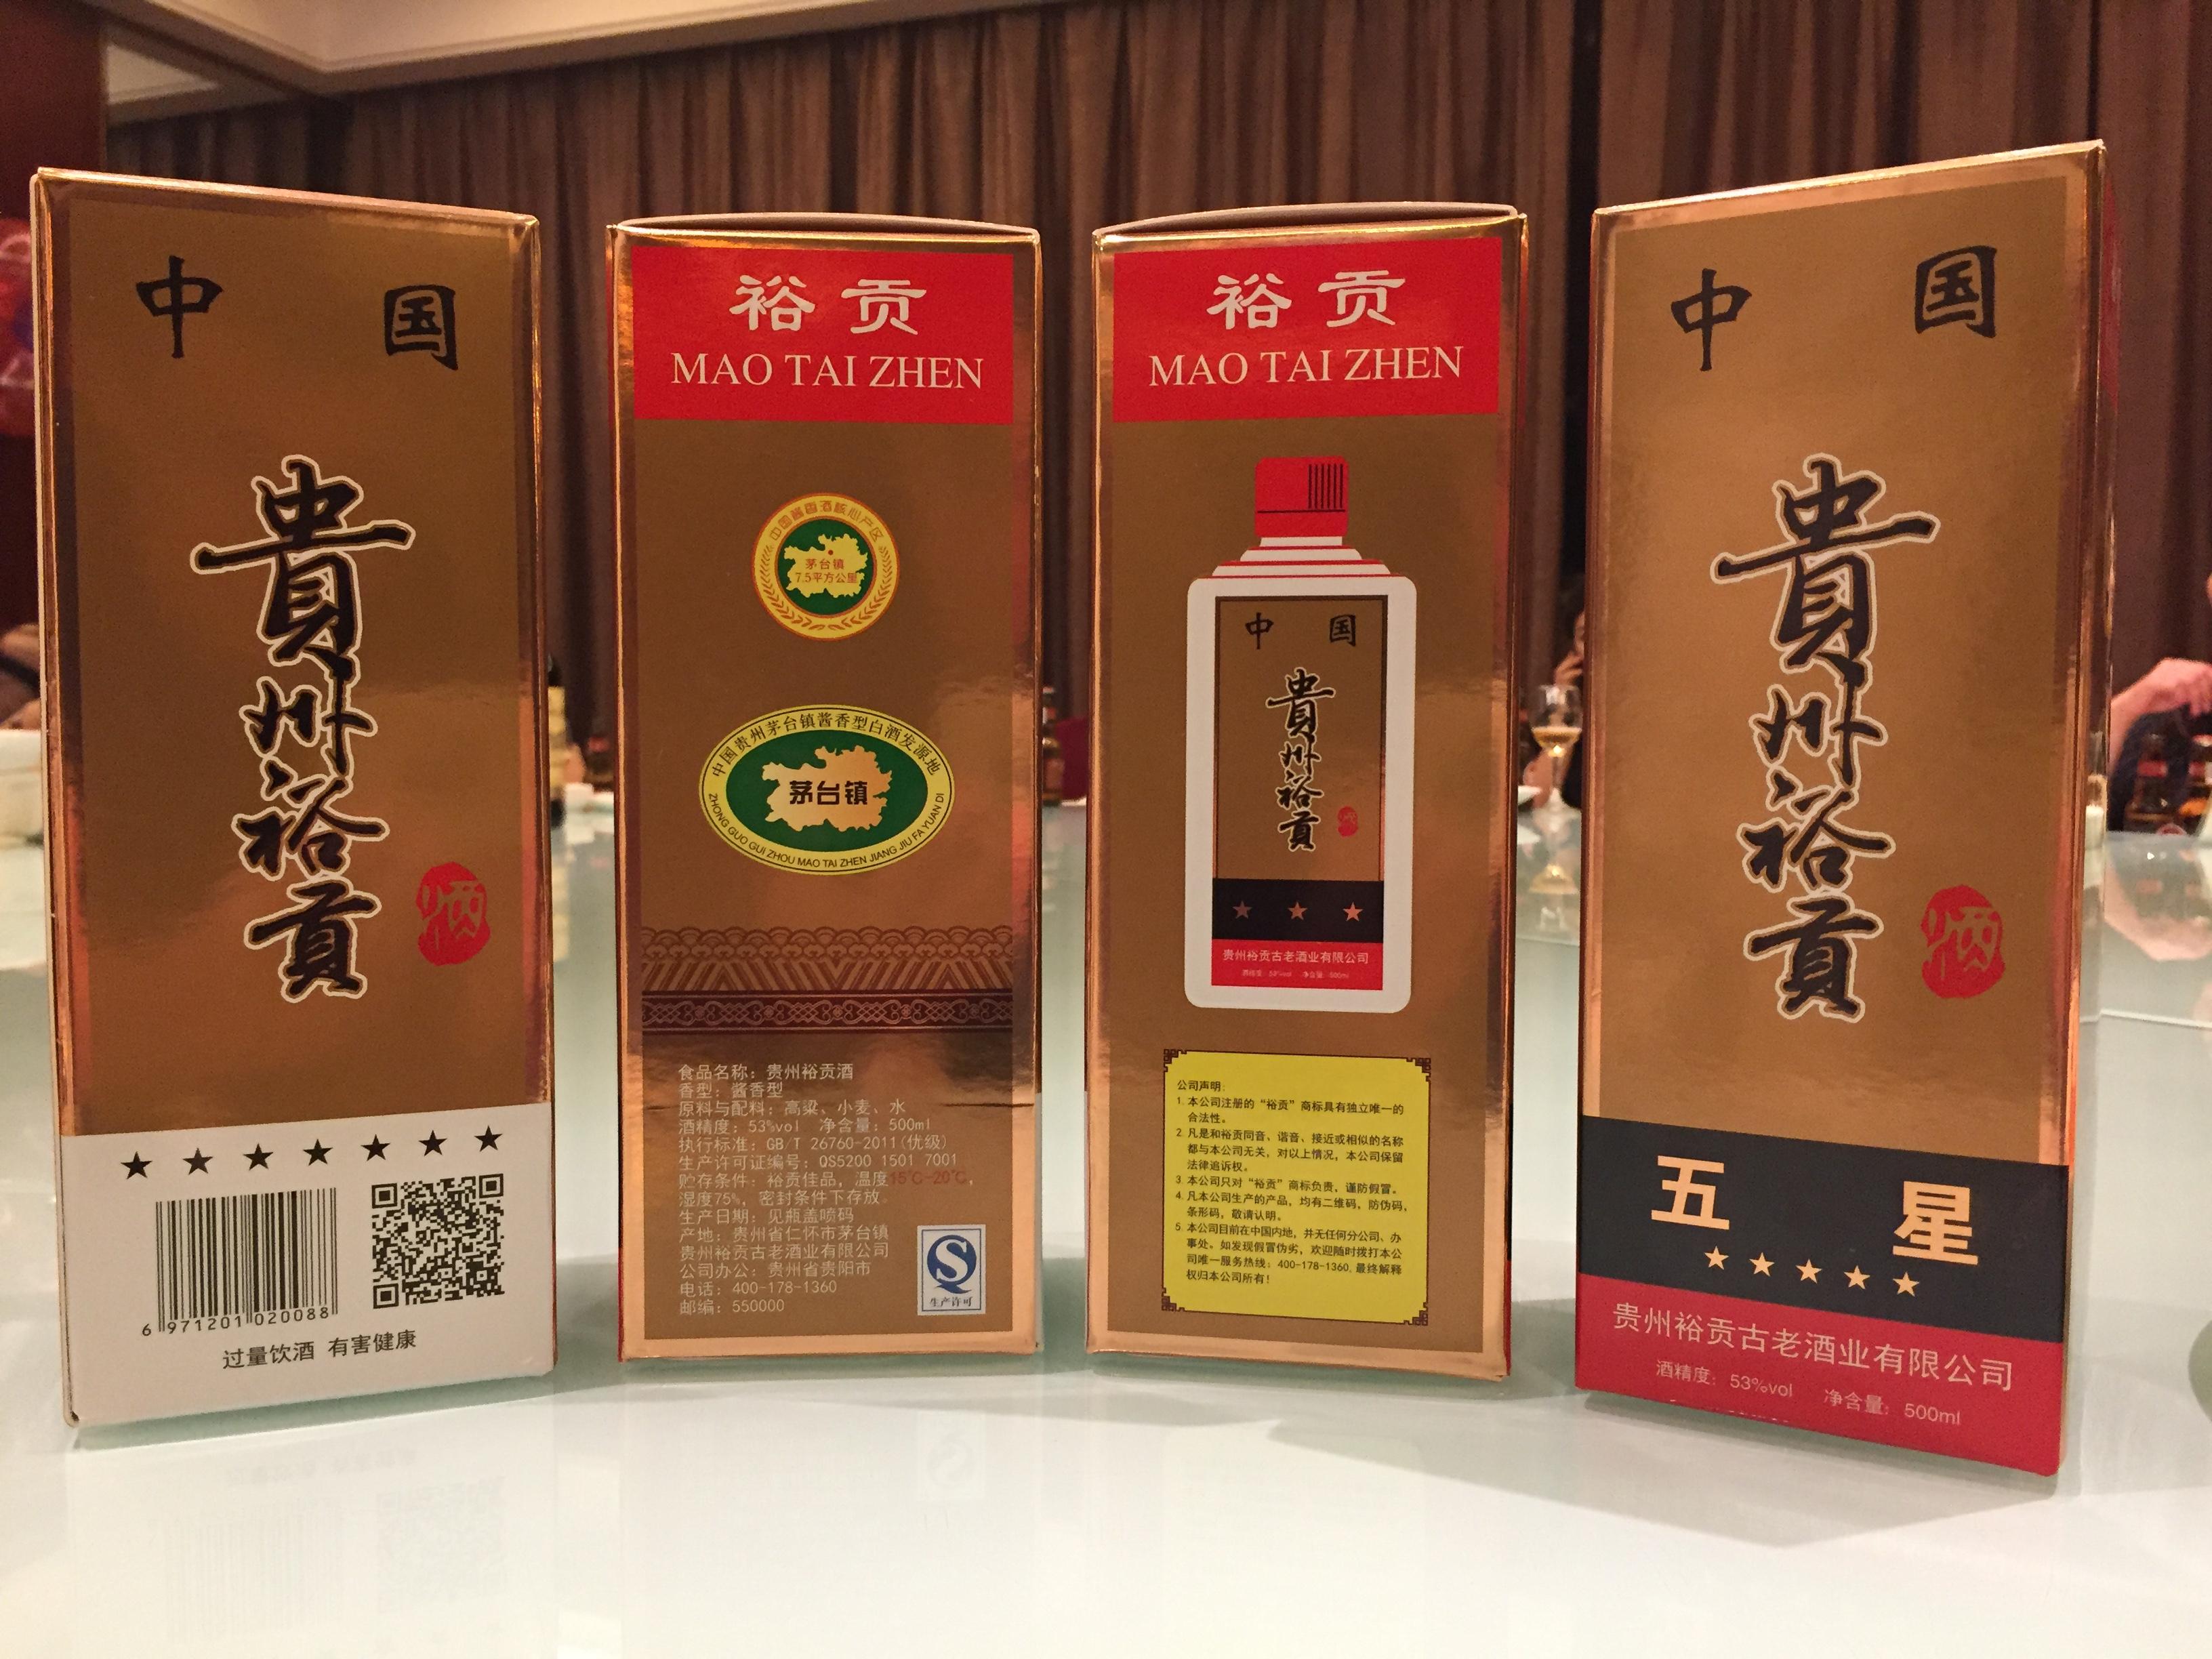 让消费者品味绿色、生态、健康的美酒